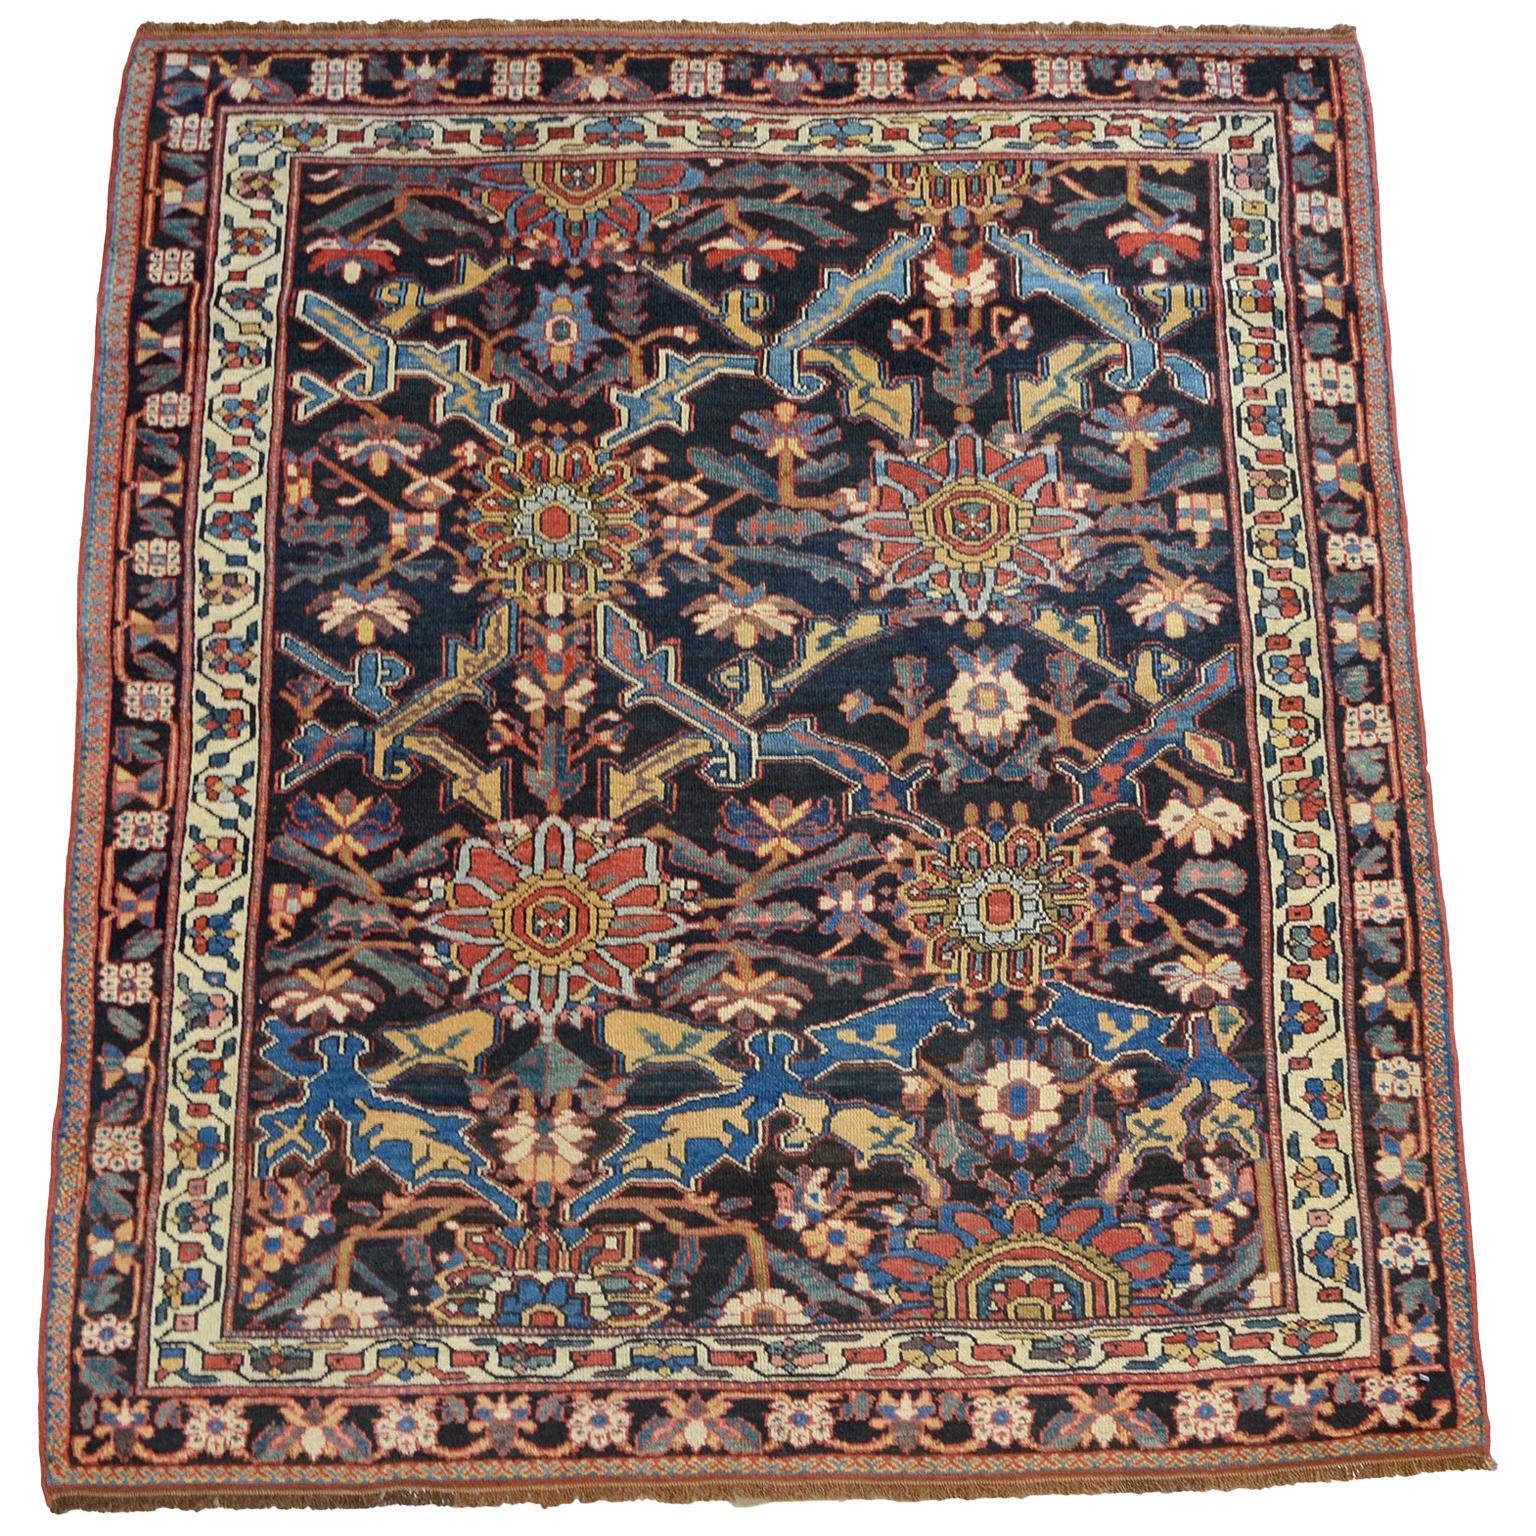 Antique Persian Bakhtiari Carpet in Pure Handspun Wool, circa 1880